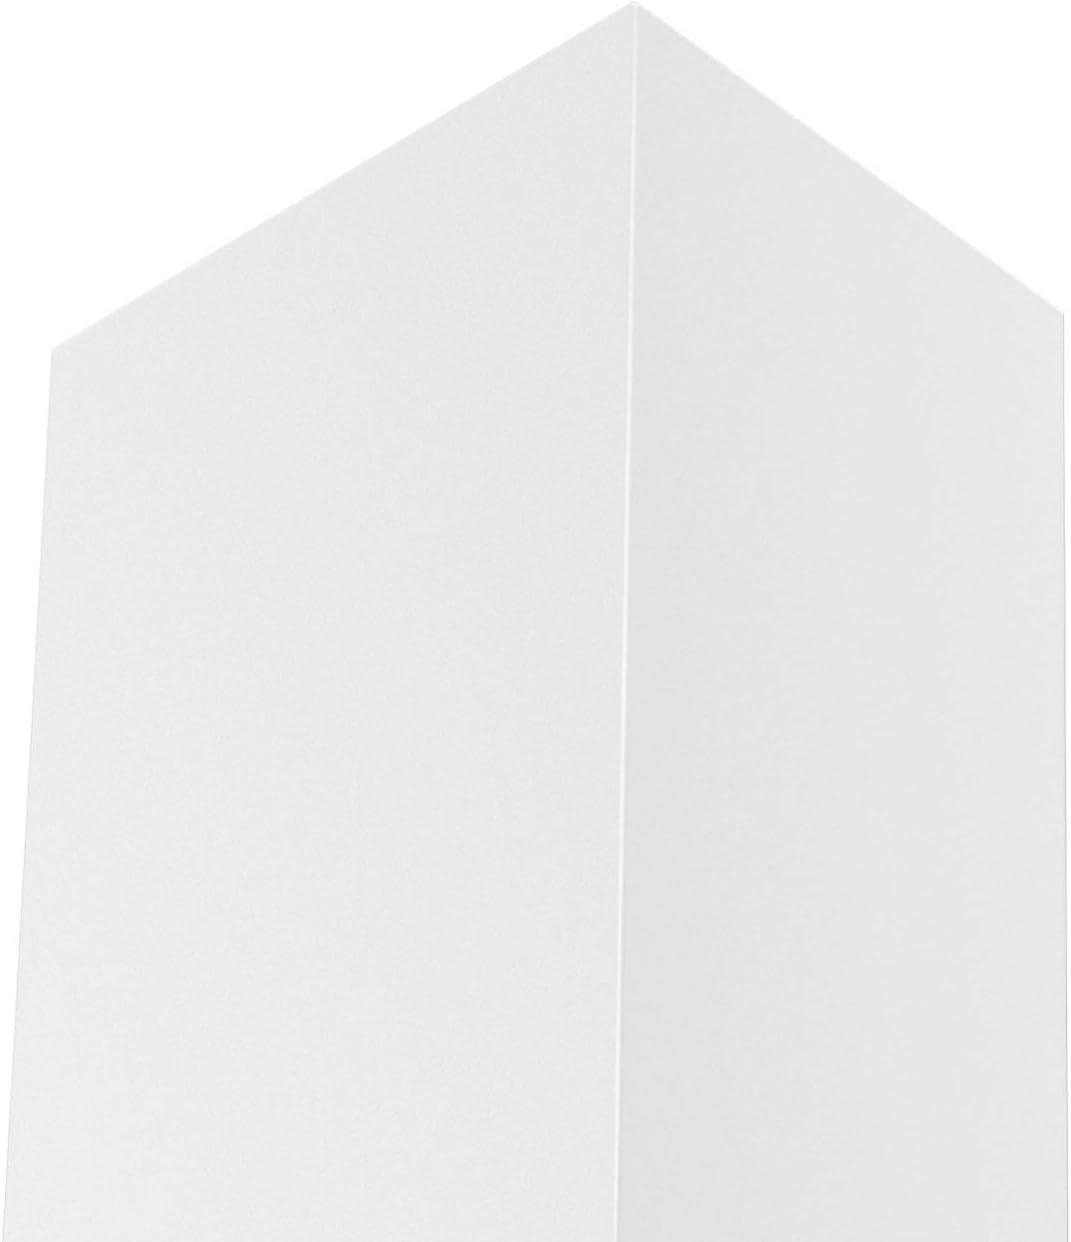 Amica Dunstabzugshaube 60 cm weiß Schräghaube Kopffreihaube Umluft Abluft Glas